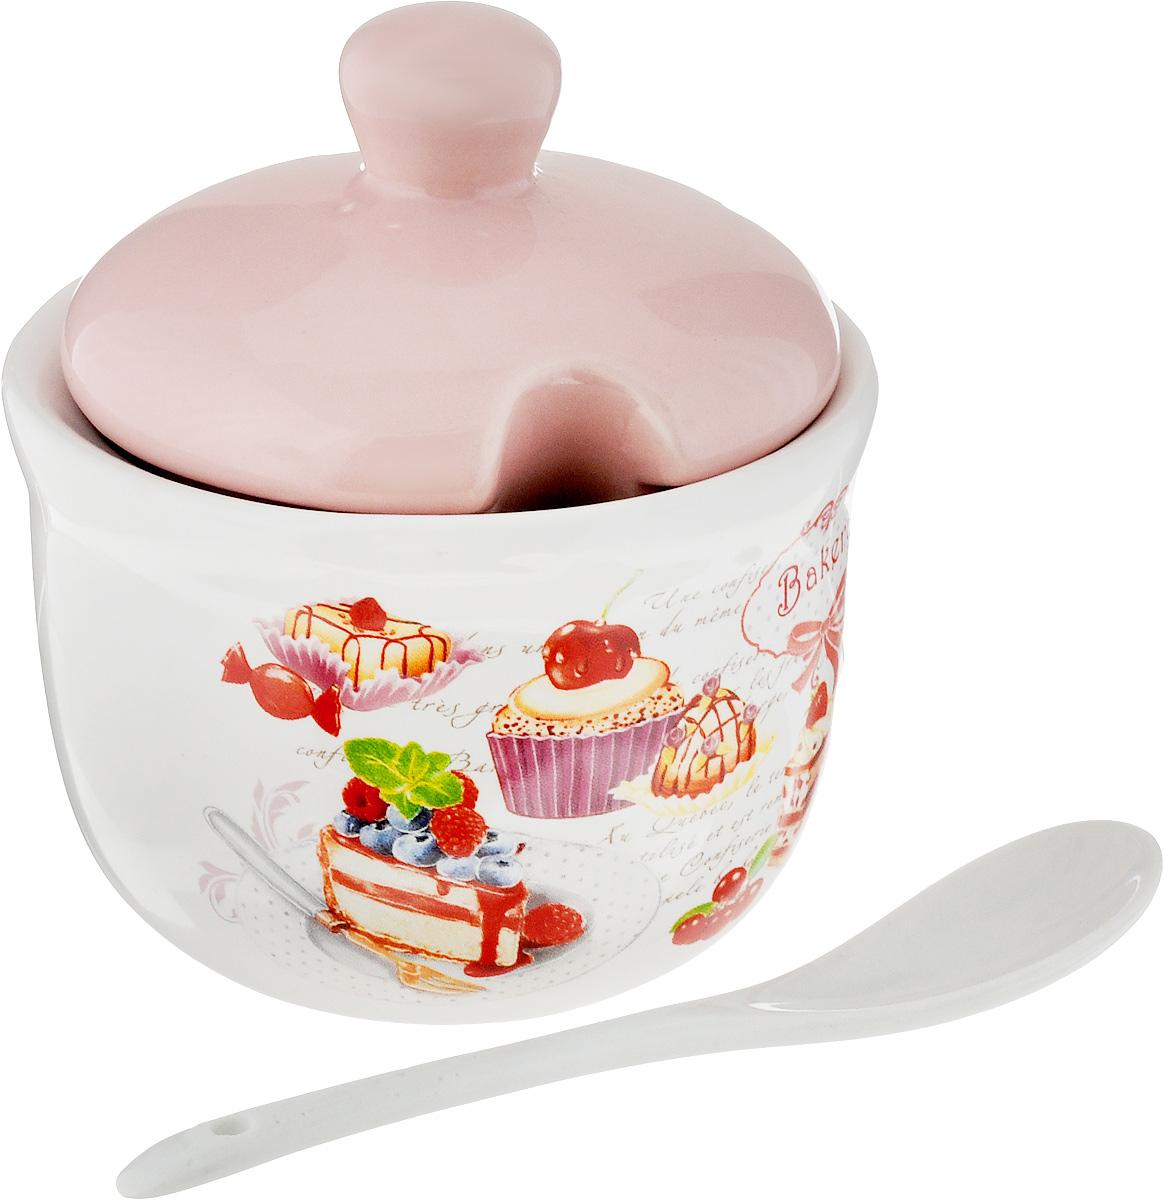 Сахарница ENS Group Бисквит, с ложкой, цвет: розовый, белый, 300 мл, 2 предмета. L3170209L3170209_розовый, белыйСахарница ENS Group Бисквит с крышкой и ложкой изготовлена из керамики и украшена ярким рисунком.Емкость универсальна, подойдет как для сахара, так и для специй или меда. Высота (без учета крышки): 7 см.Высота (с крышкой): 10,5 см.